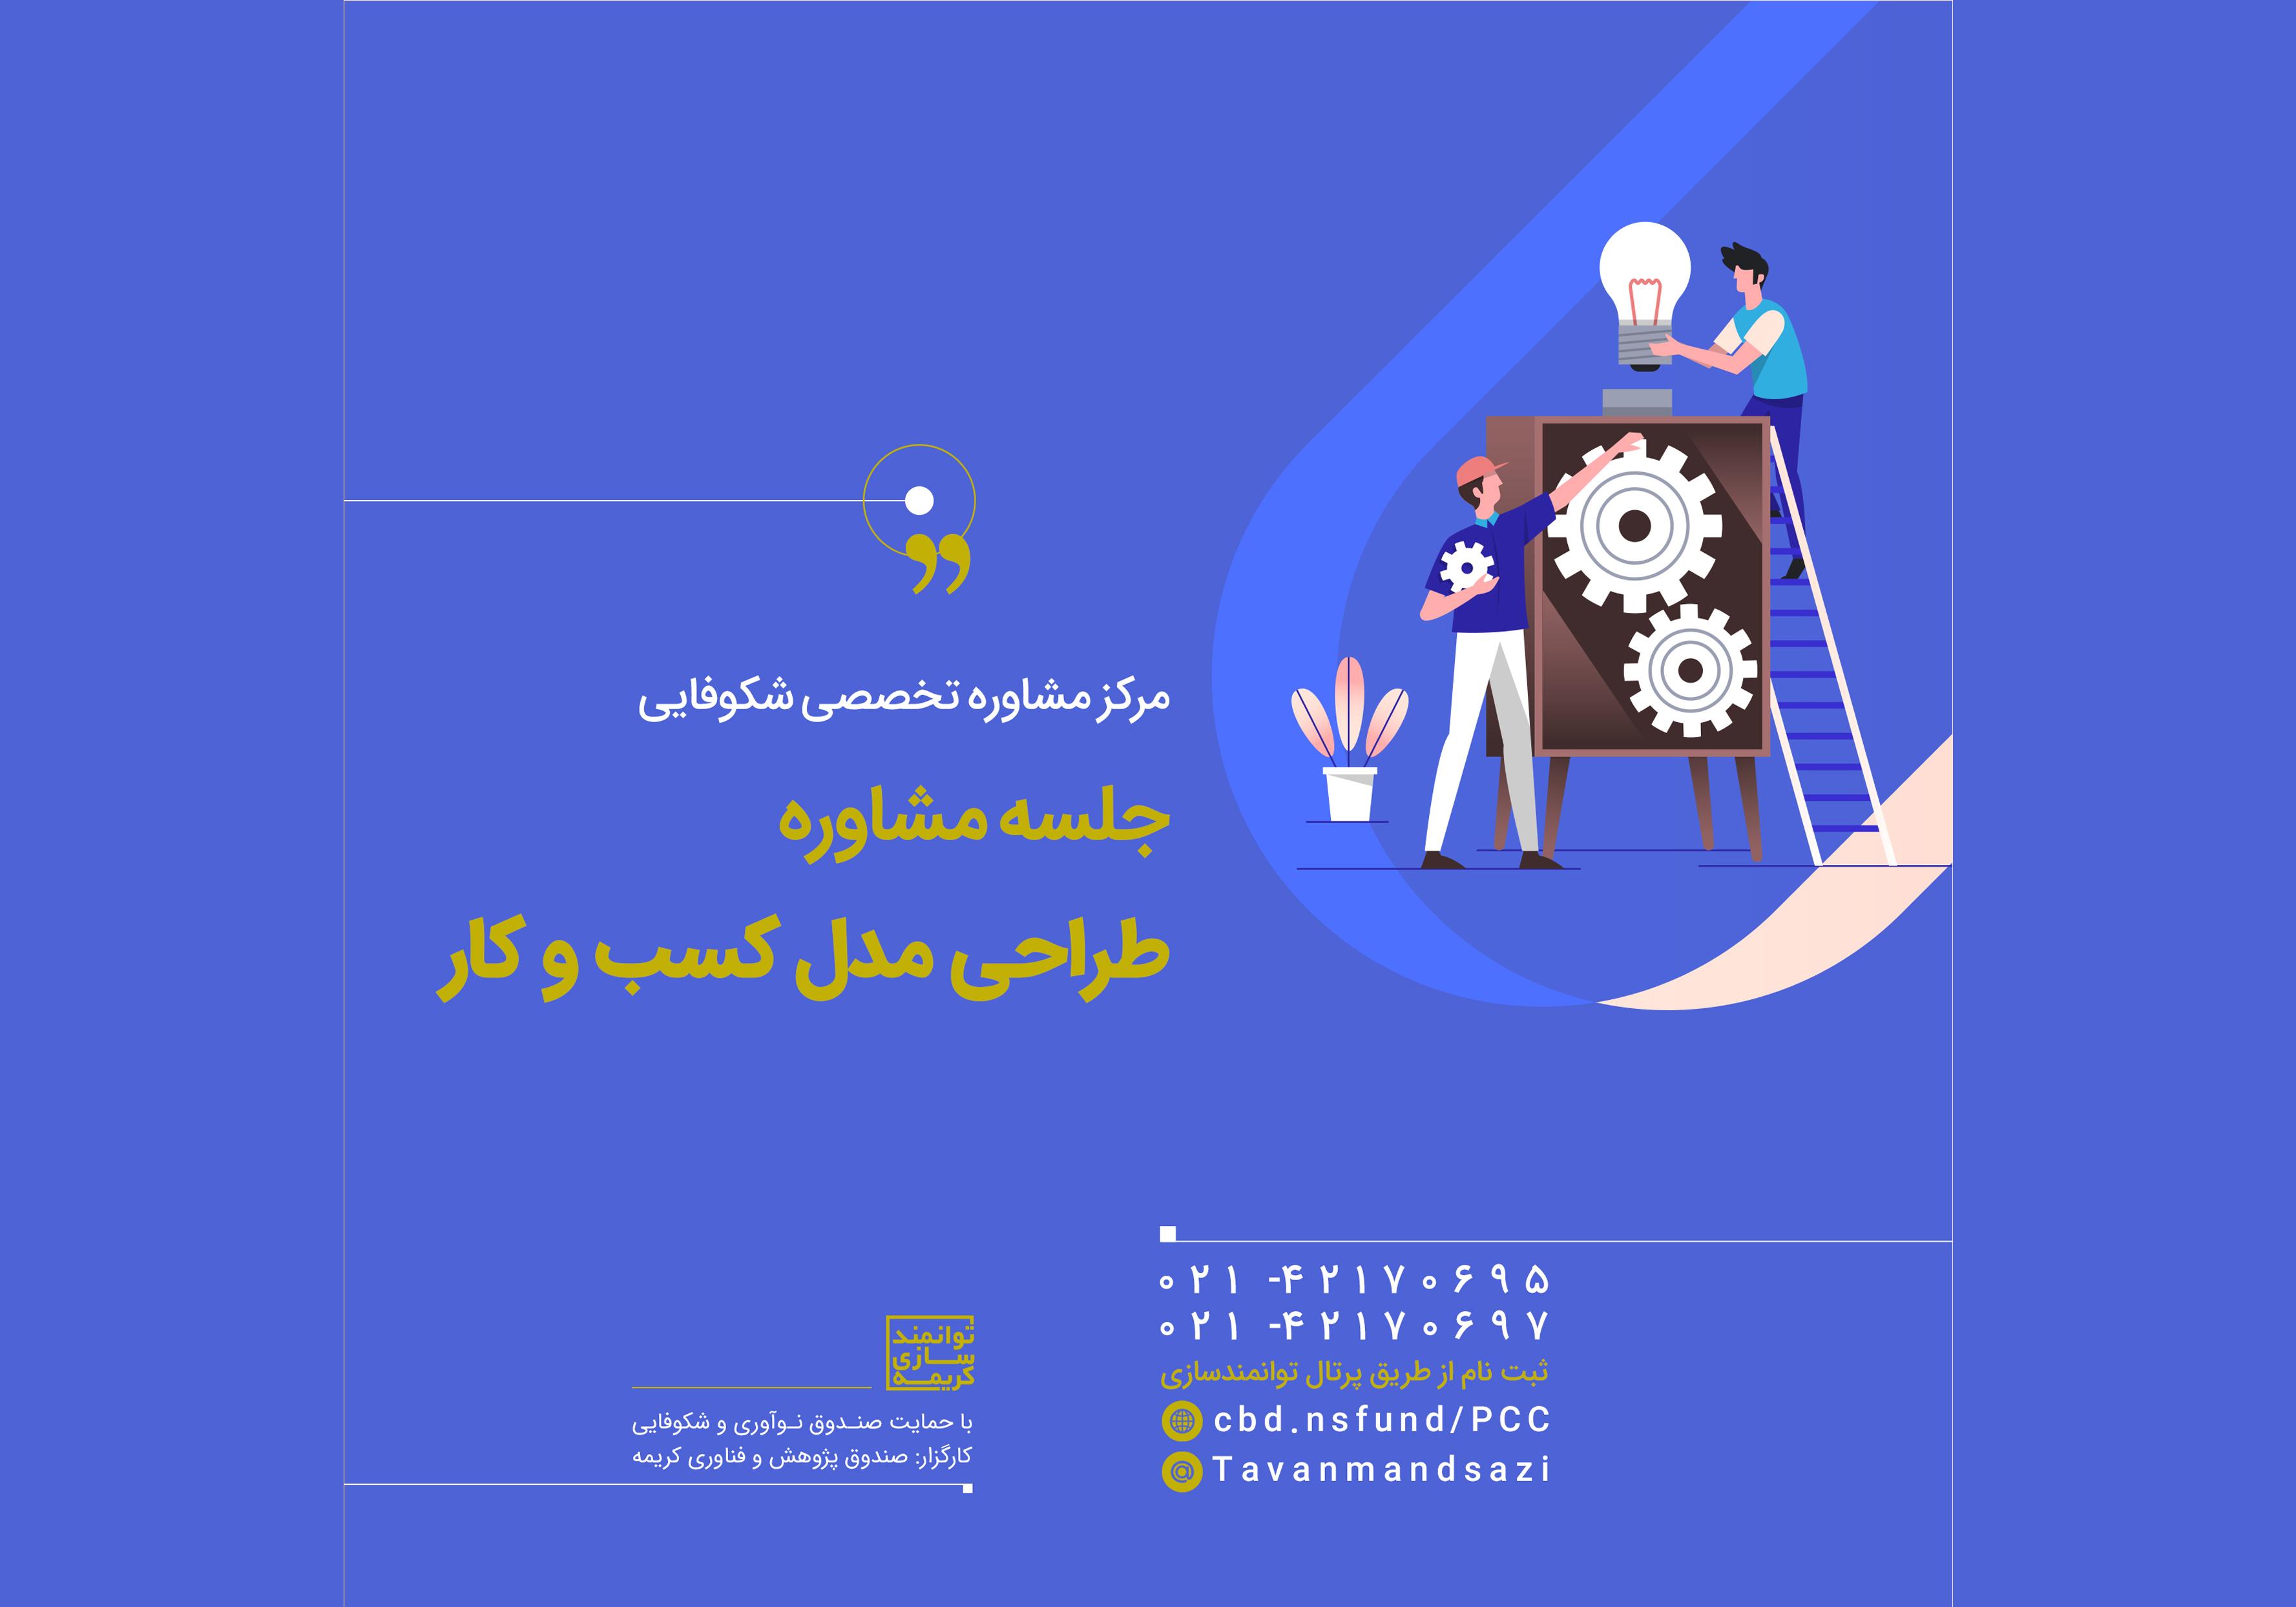 برگزاری جلسات مشاوره تخصصی در حوزه طراحی مدل کسب و کار